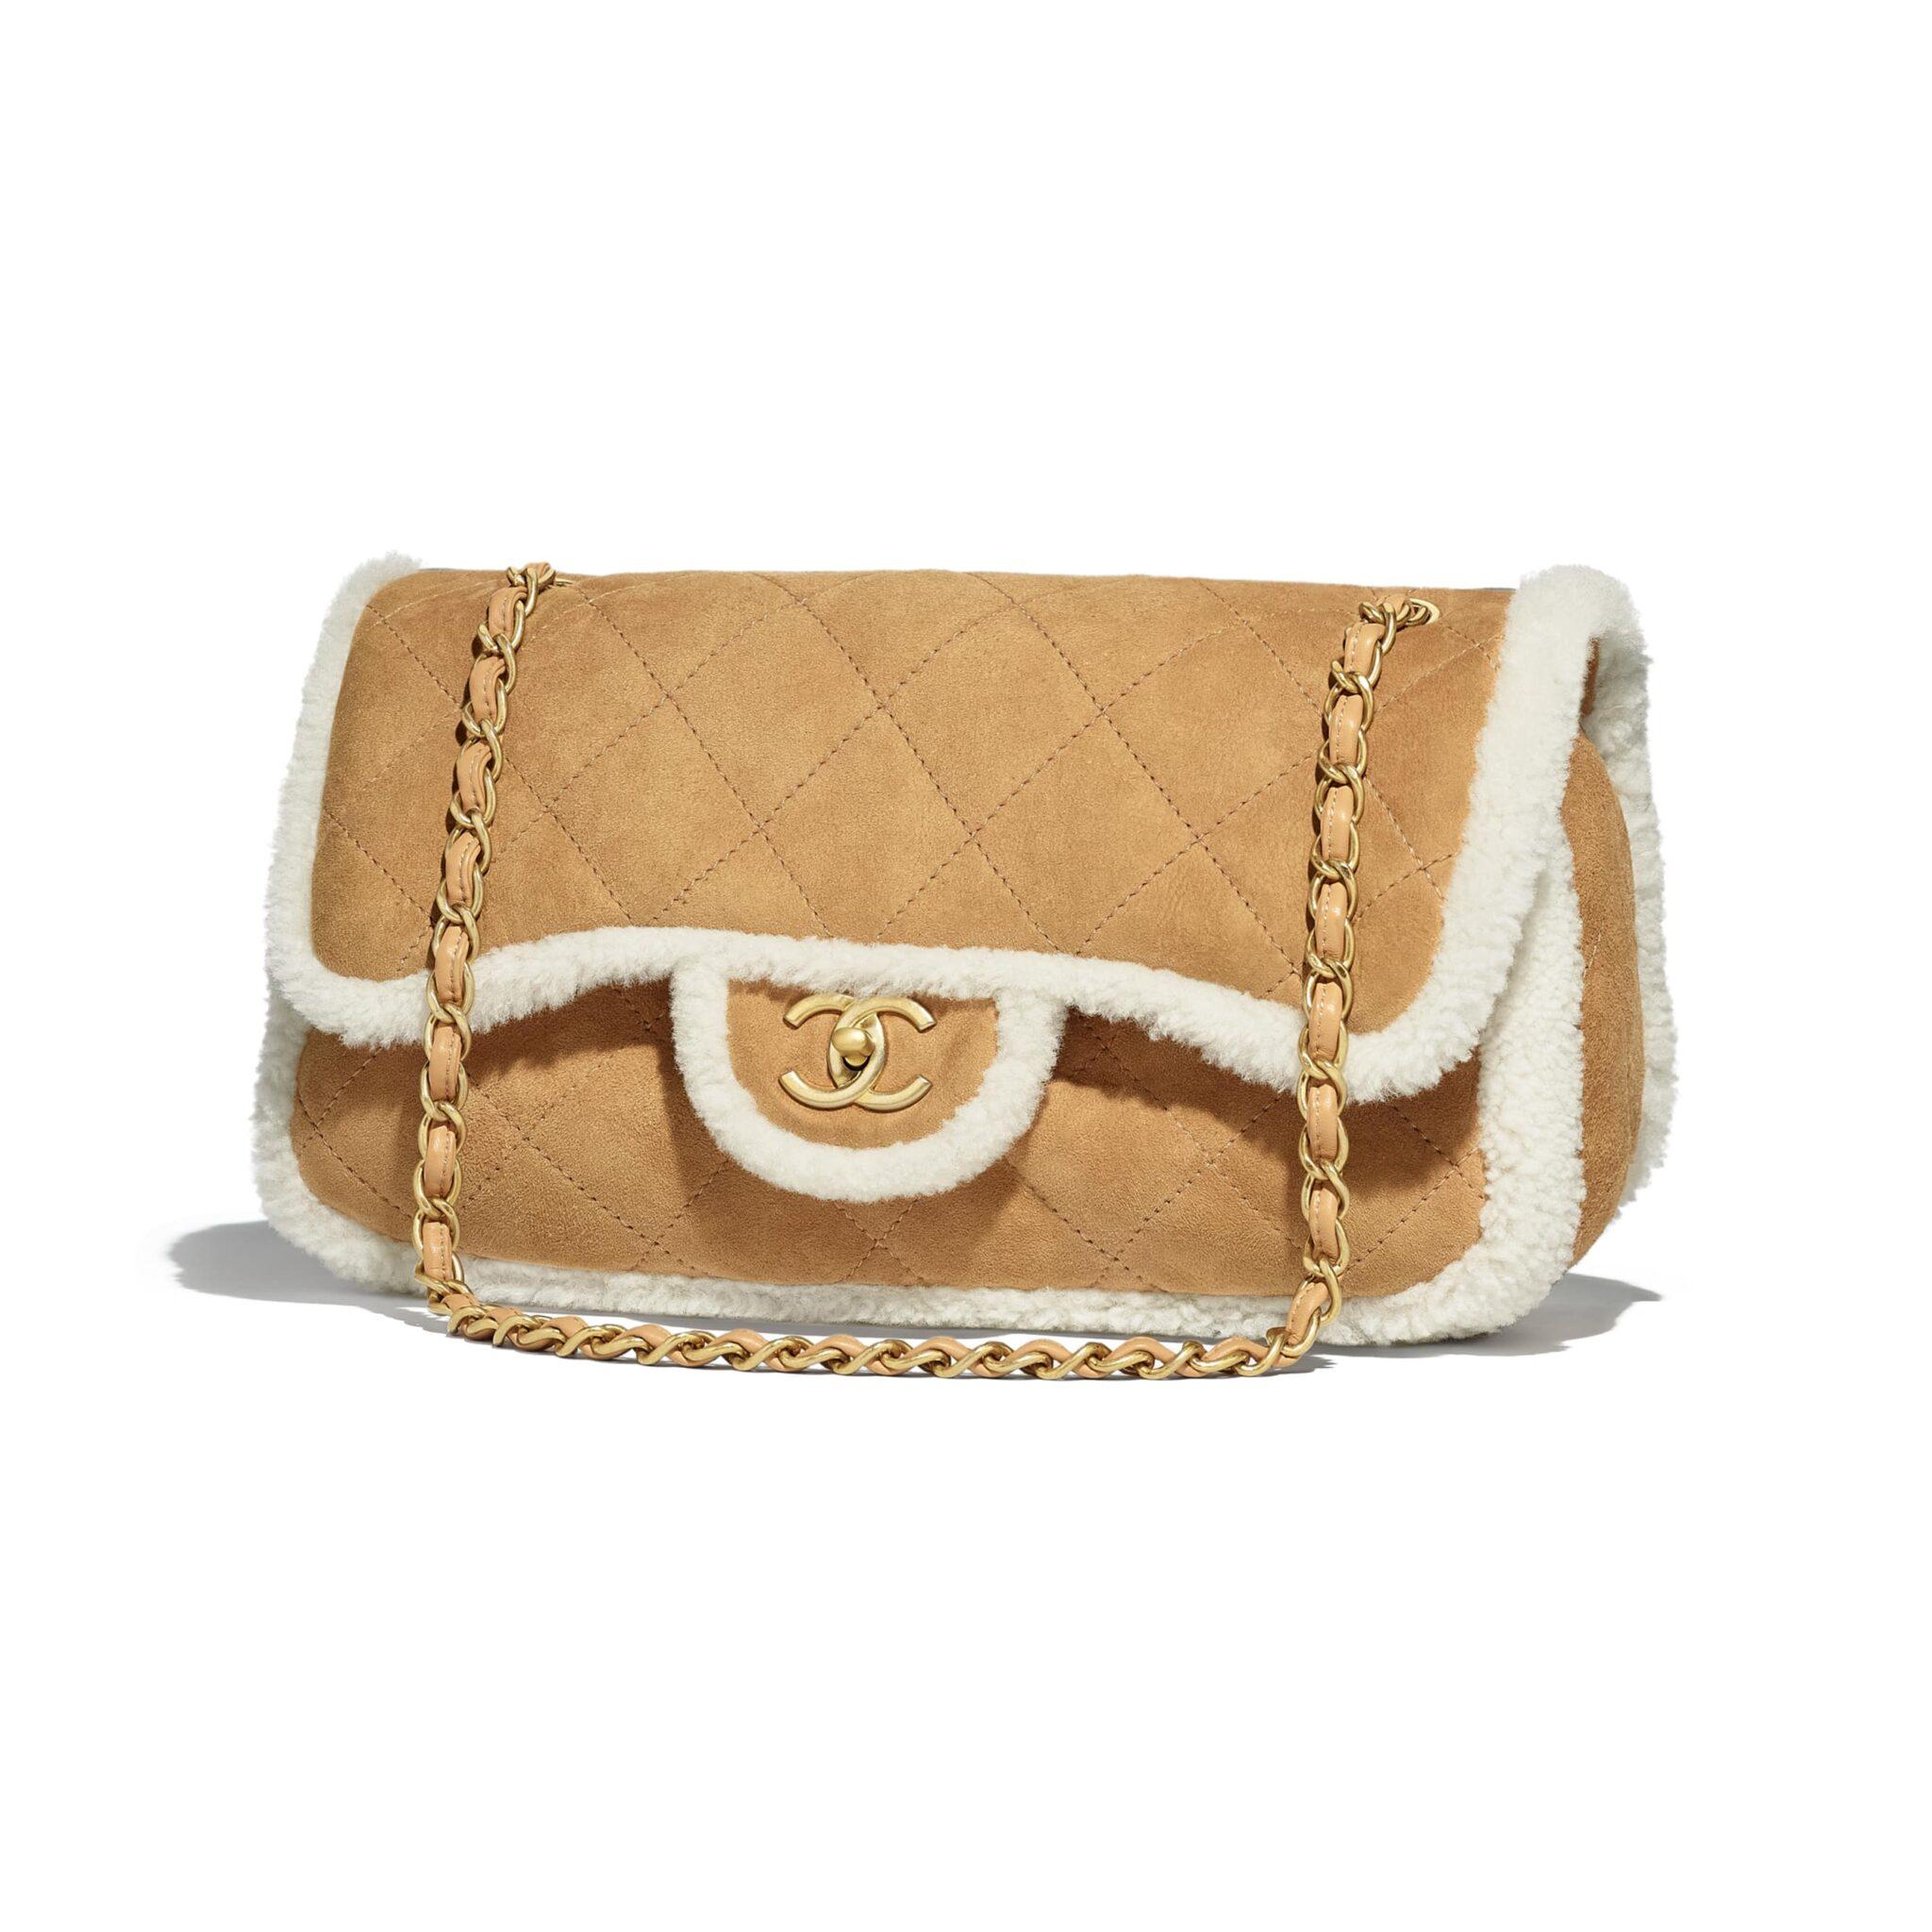 Chanel Beige Shearling Lambskin Coco Neige Medium Flap Bag 79bbec4aa26f3